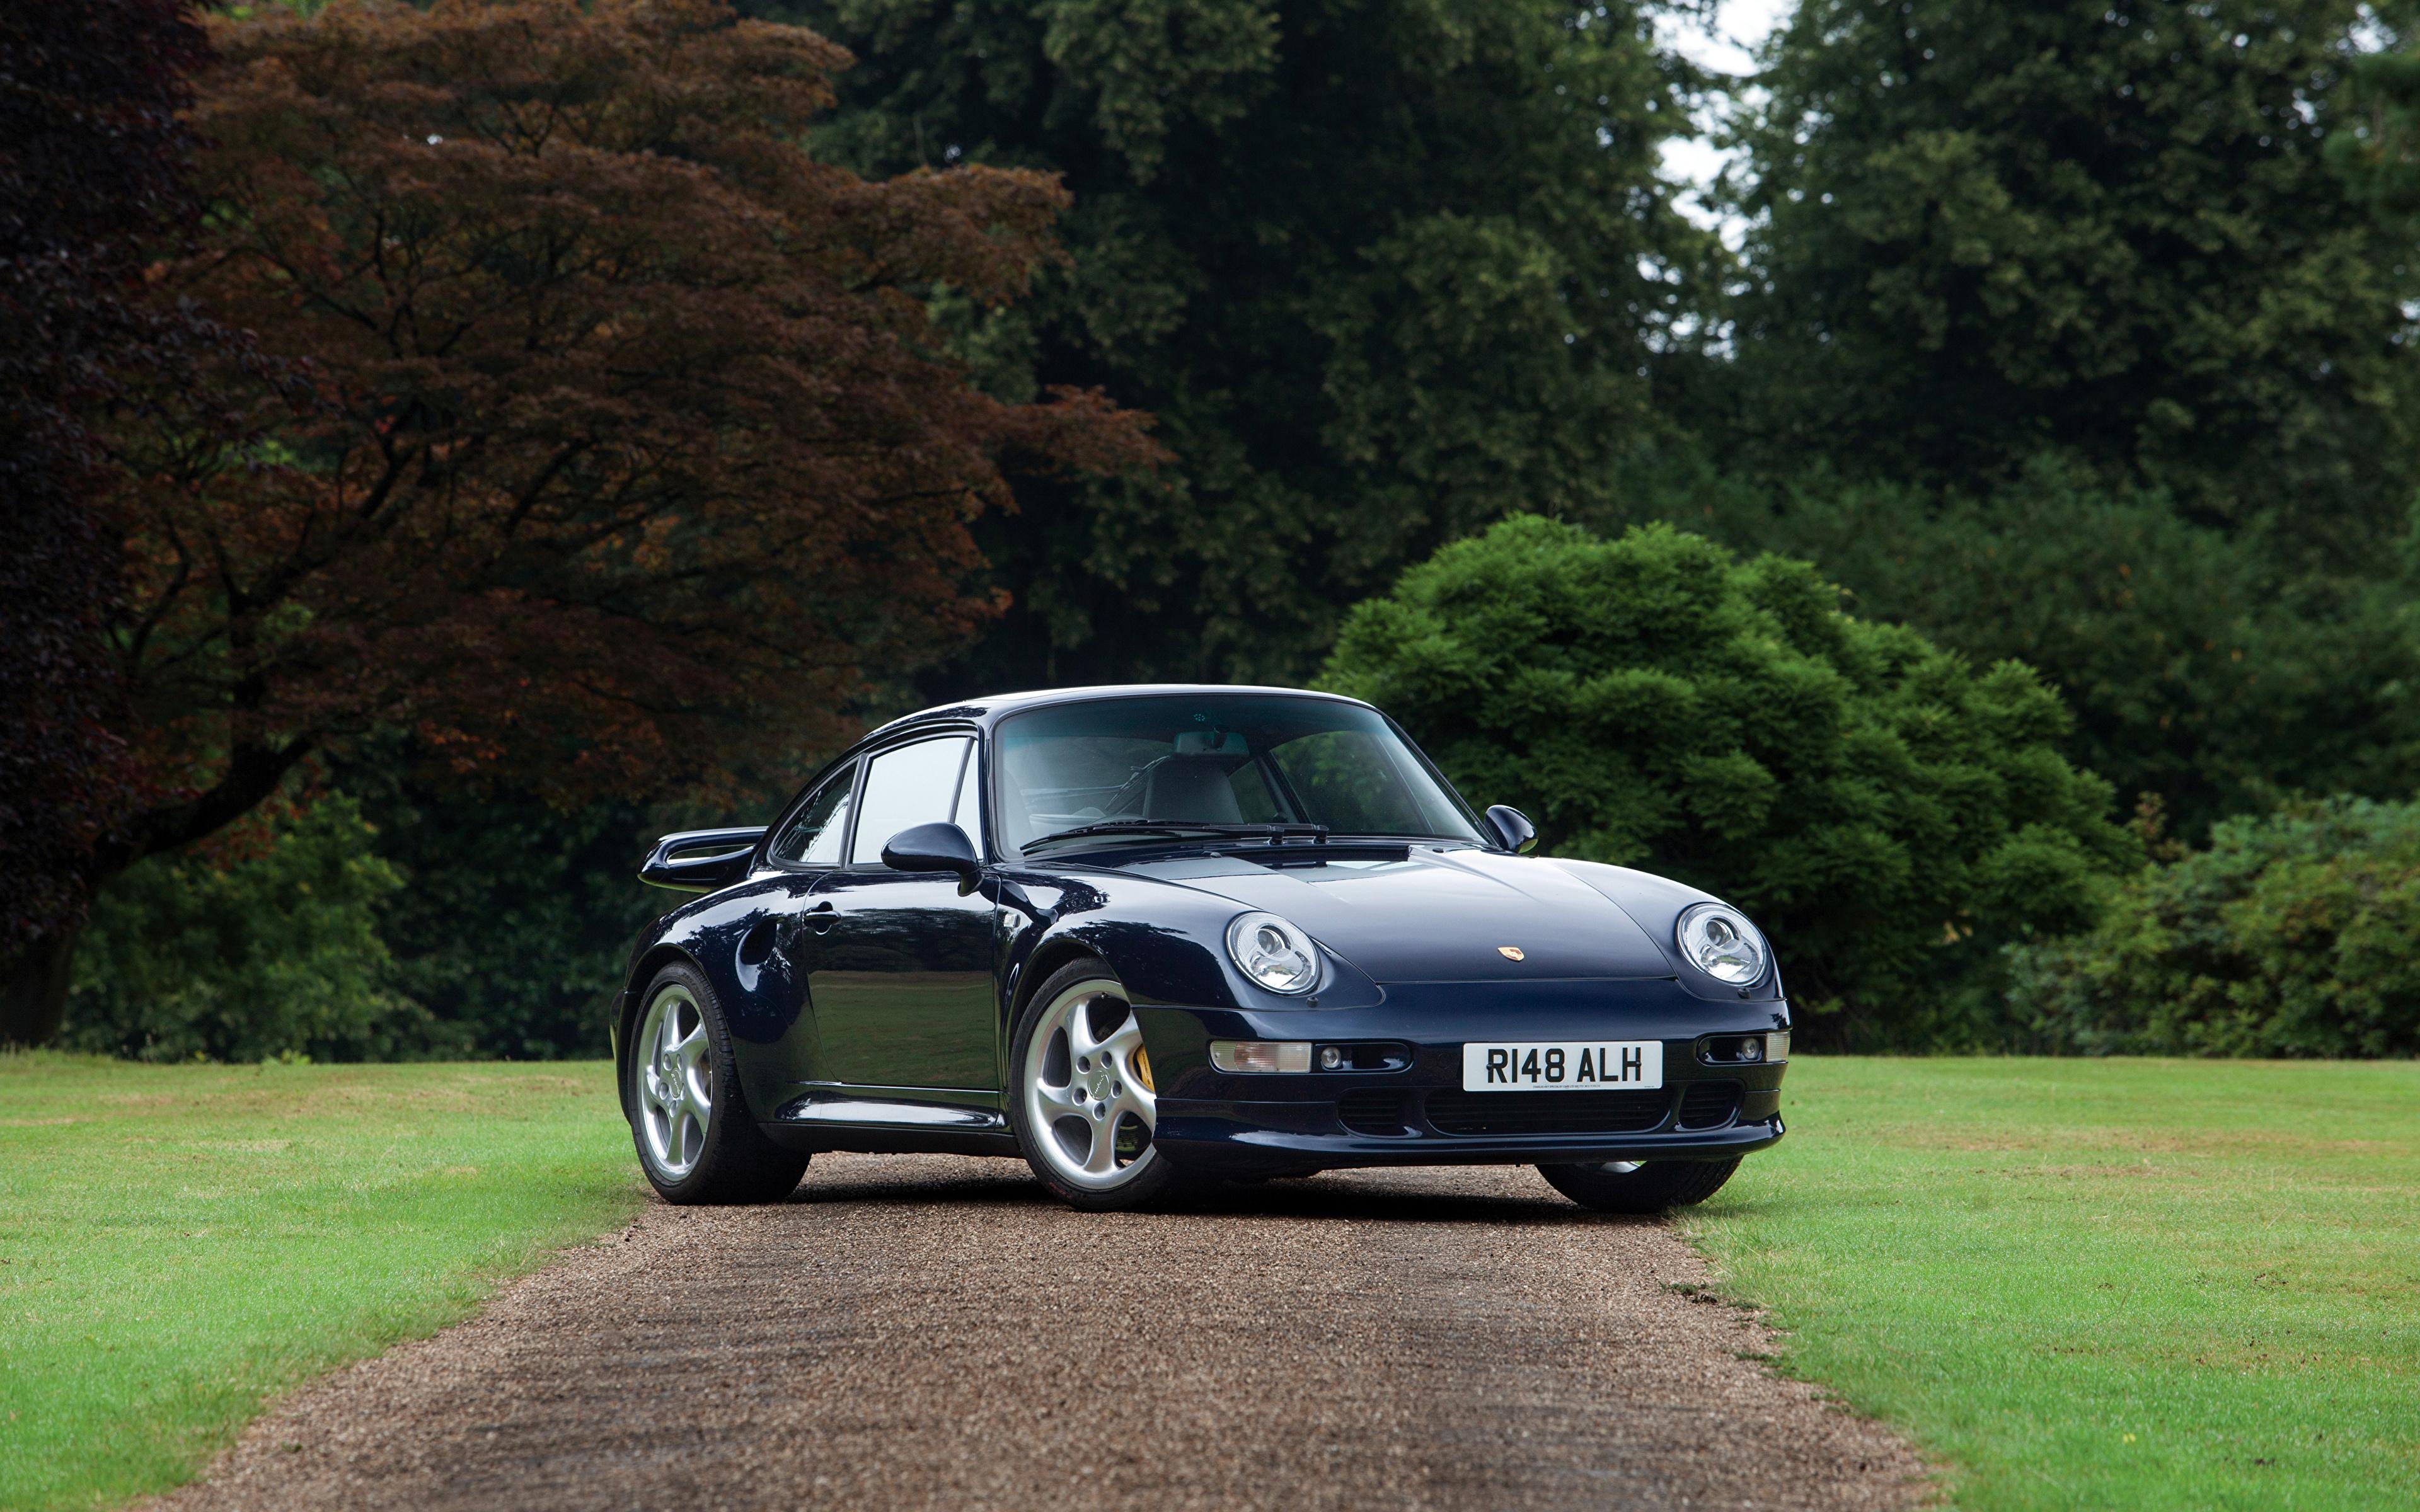 Image Porsche 1997 911 Turbo S Coupe Uk Spec 993 Blue Cars 3840x2400